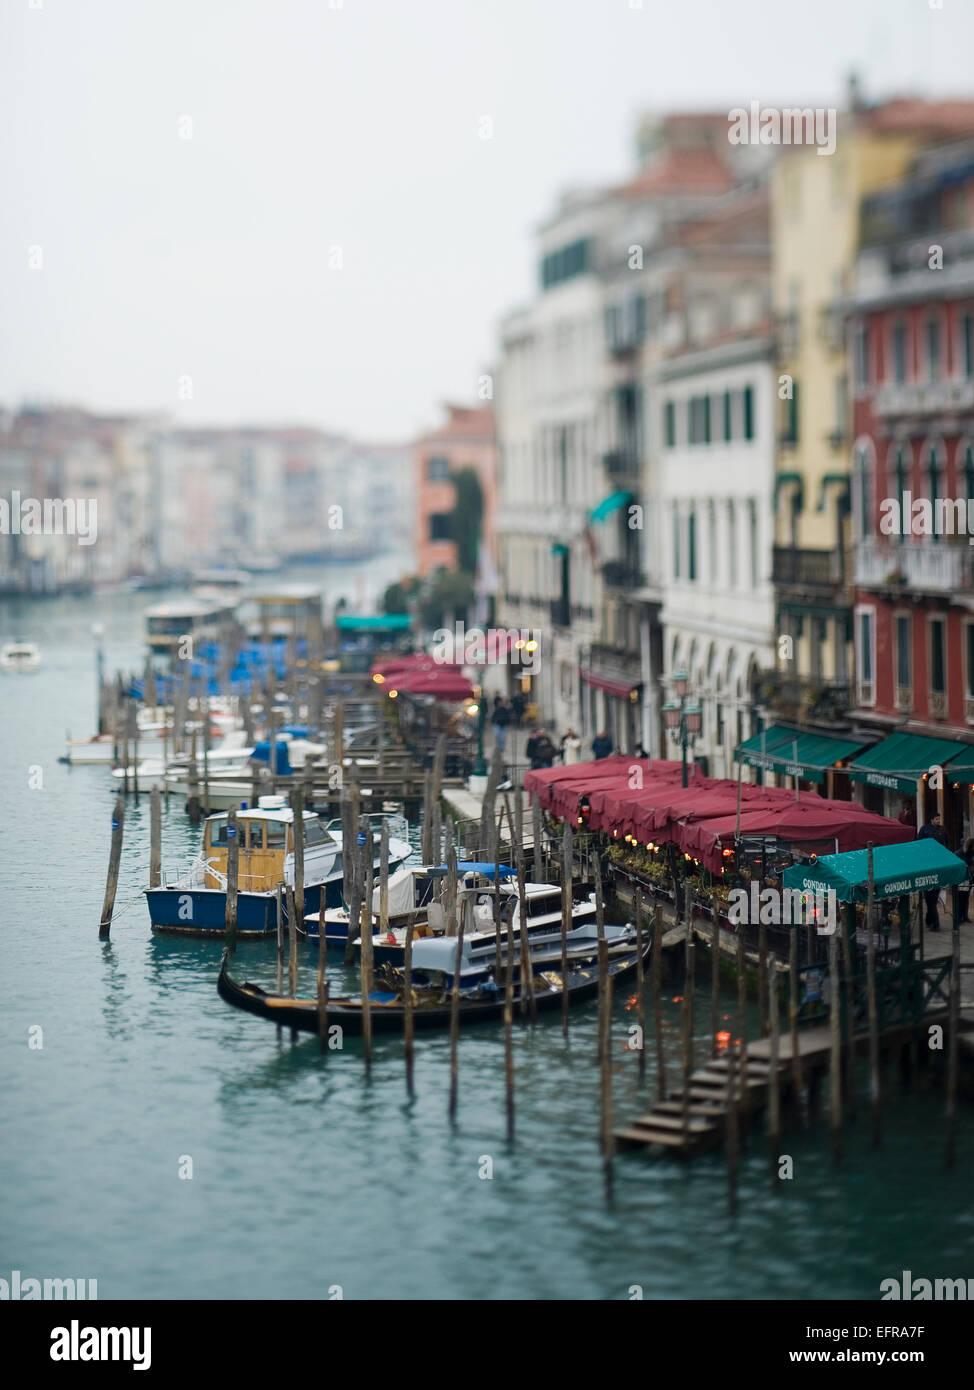 Breiten Kanal in Venedig, mit Booten und traditionellen Gondeln festgemacht entlang der Uferpromenade, und Restaurants Stockbild